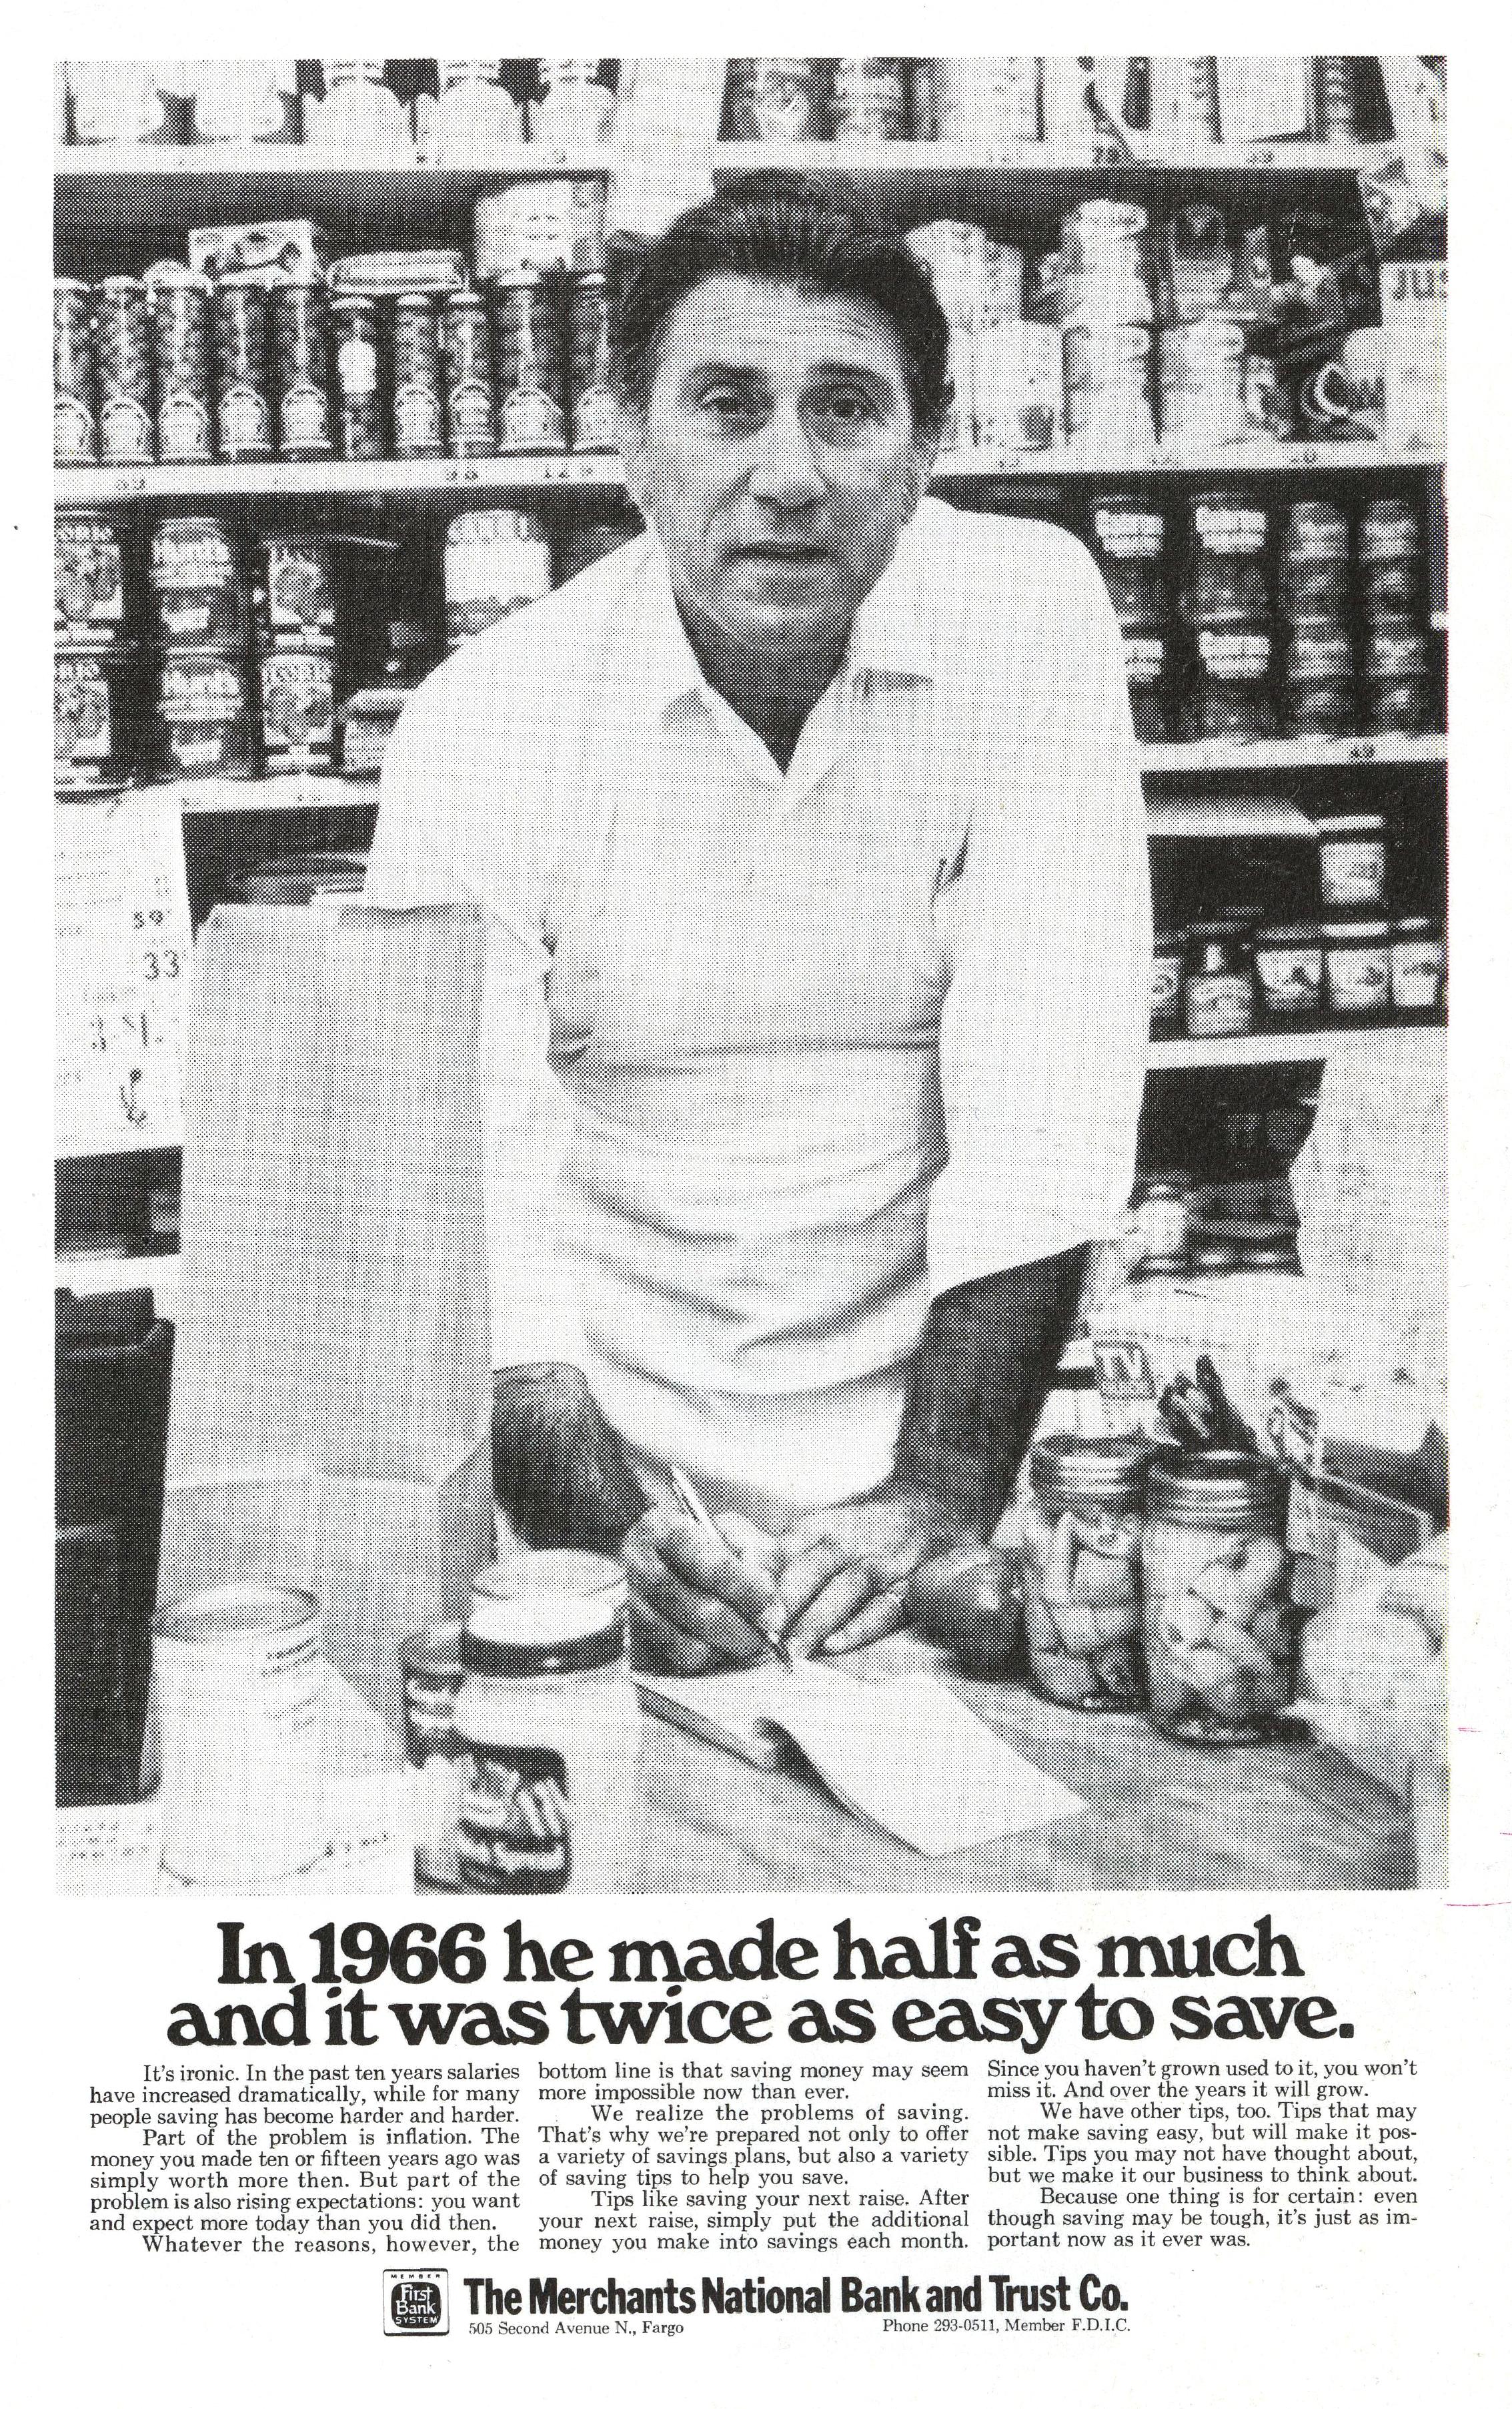 'In 1966' The Merchants National,Tom McElligott, Bozell*.jpg